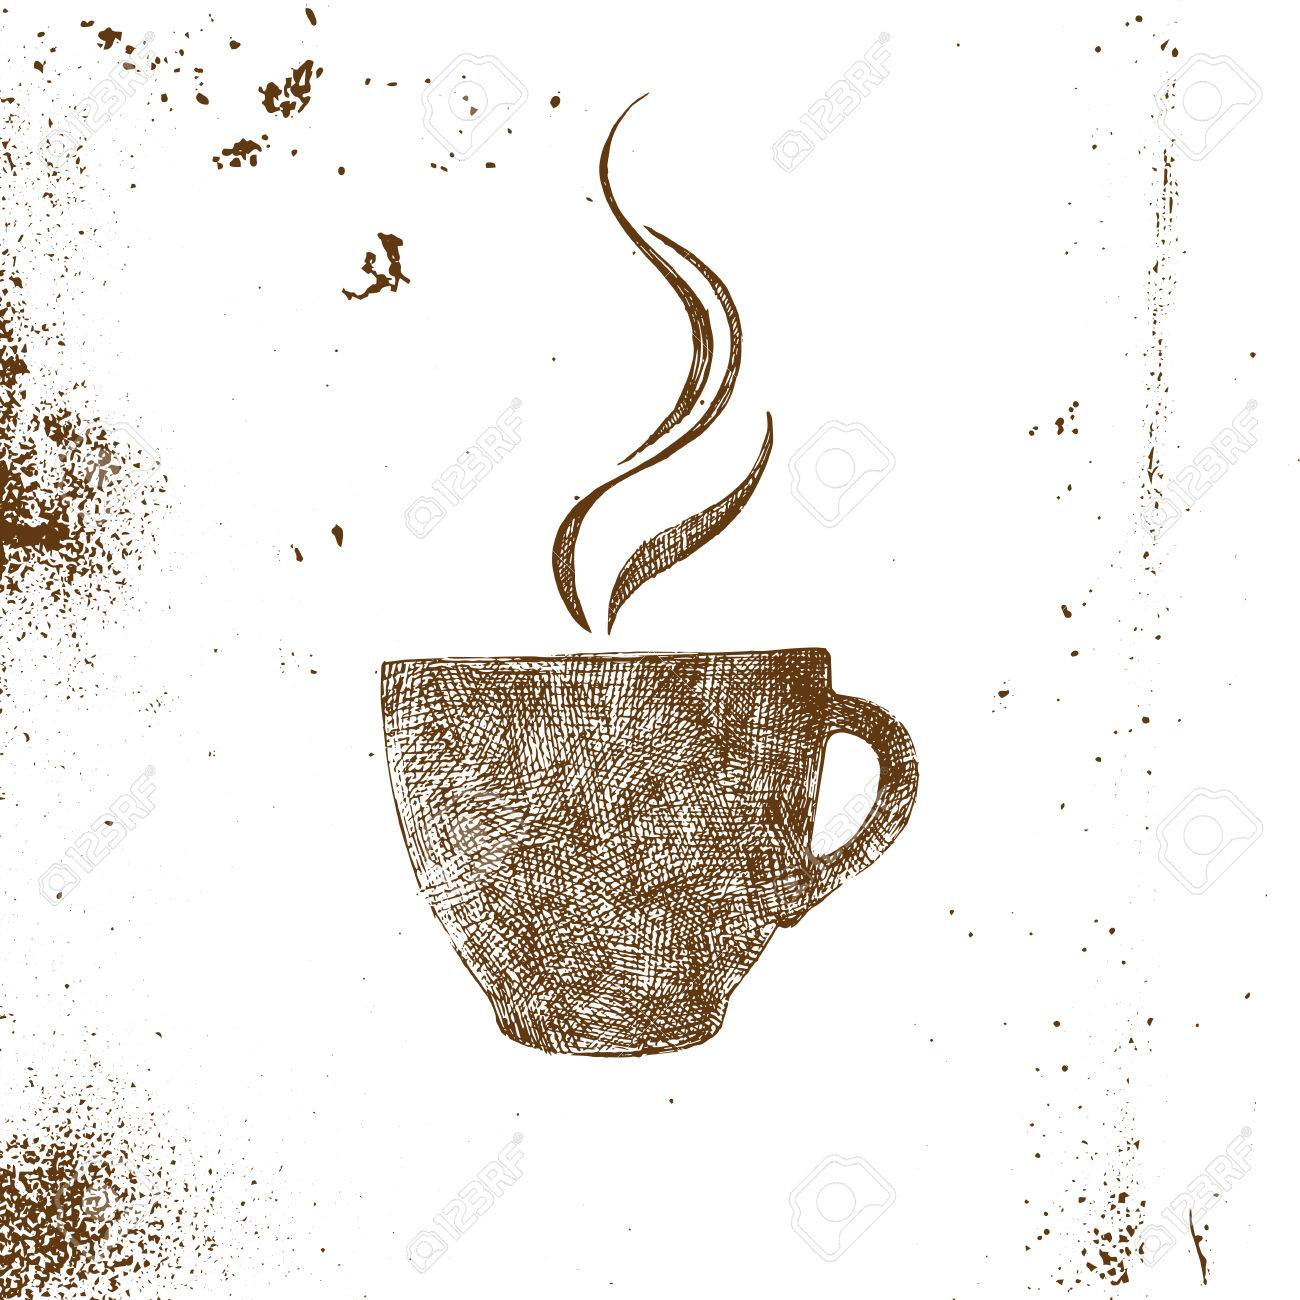 Hand Gezeichnete Kaffeetasse Auf Weißen Hintergrund Lizenzfrei